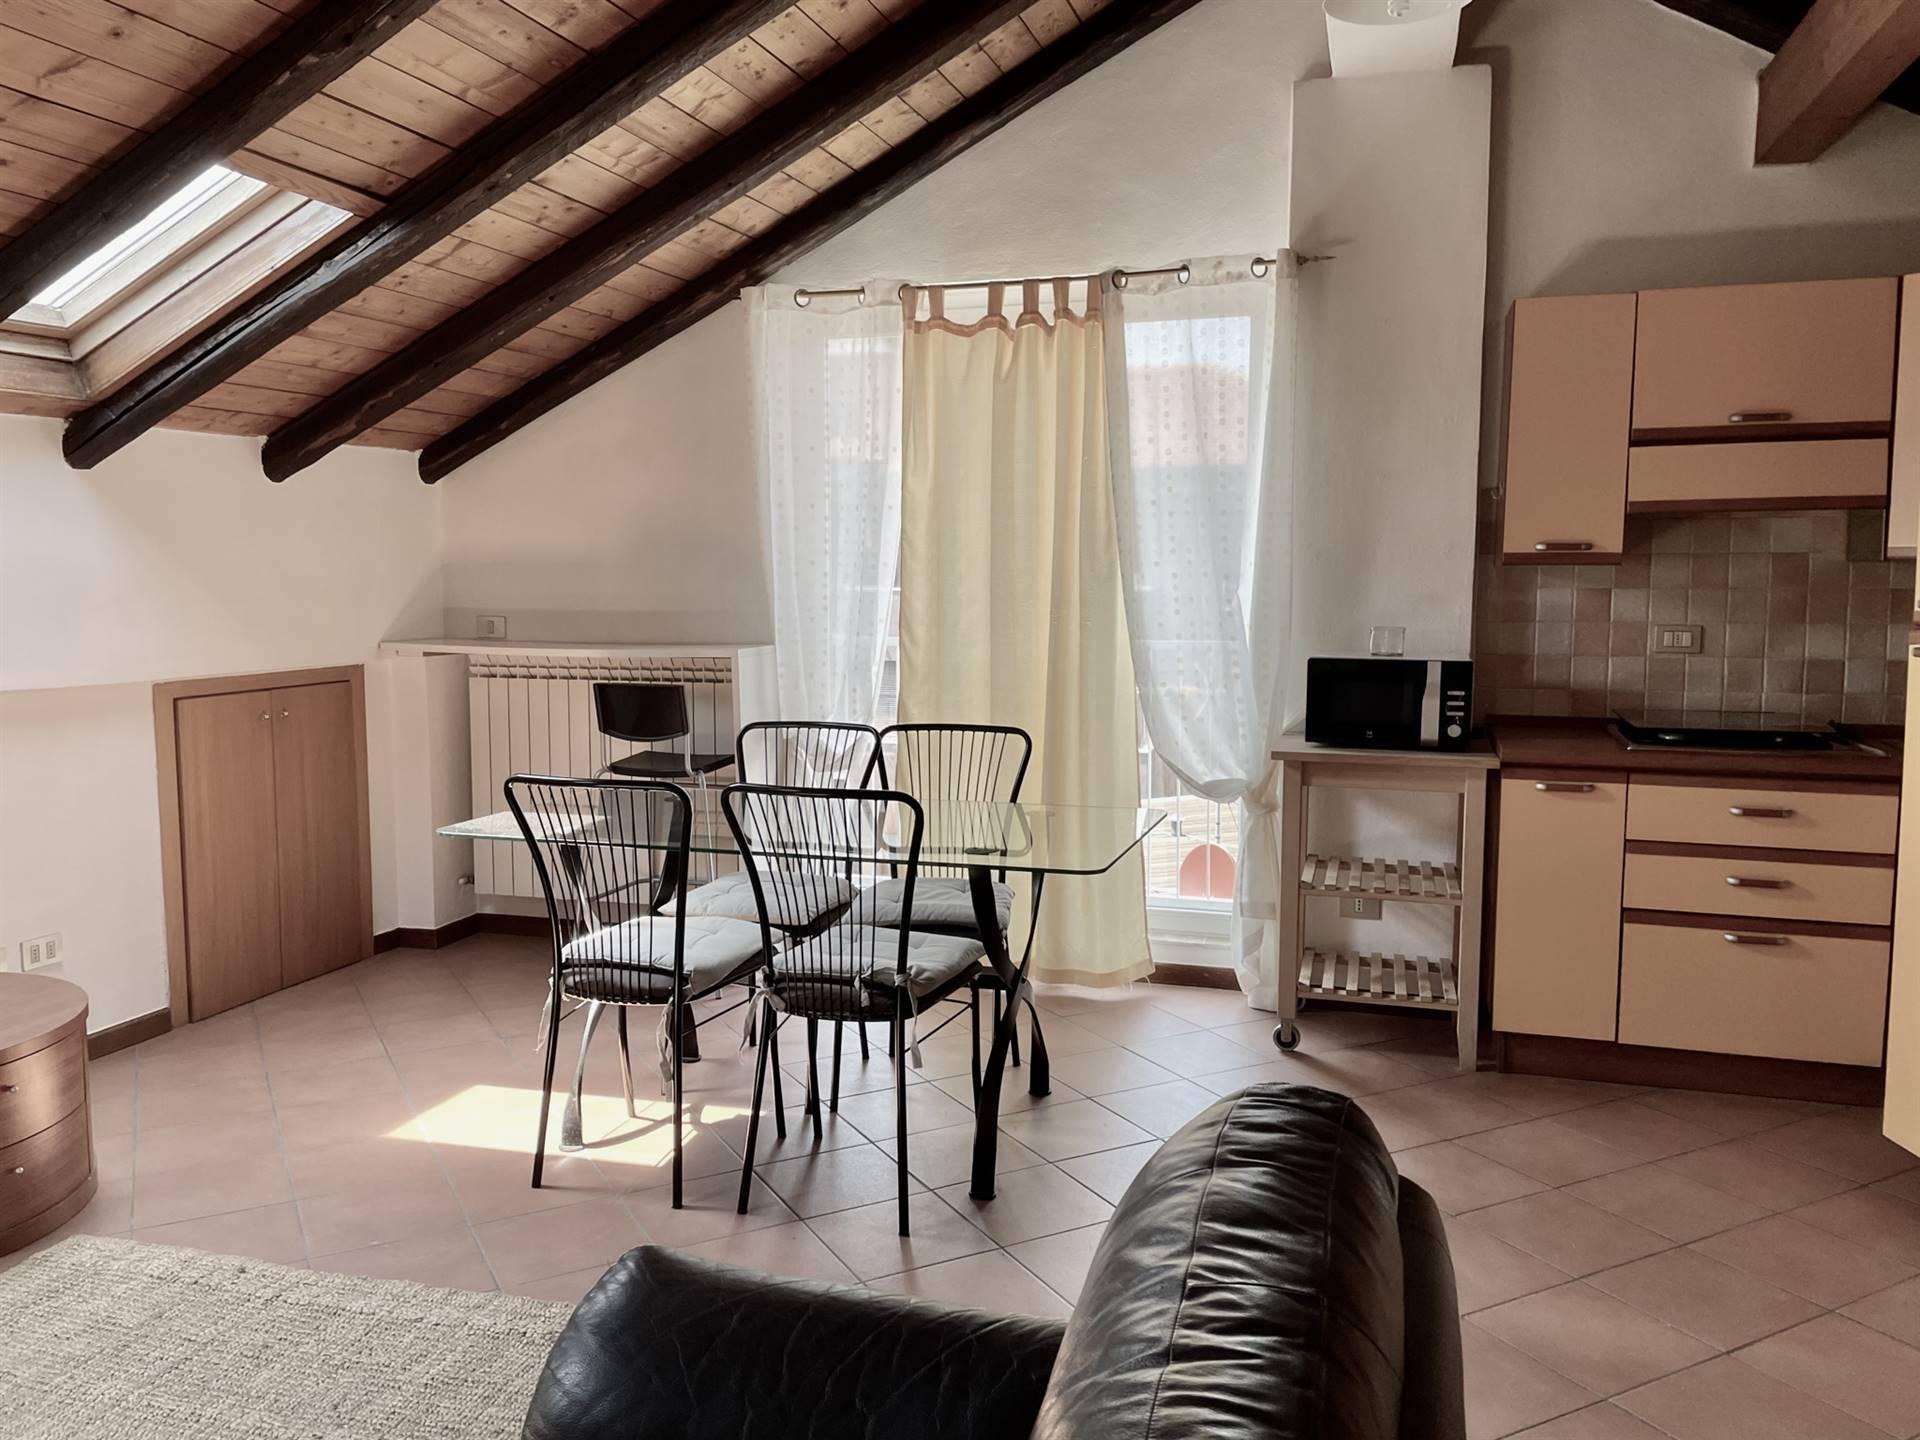 Vendesi ampia e luminosa mansarda, ristrutturata a San Giuliano Milanese zona Borgolombardo. La mansarda di circa 60 mq è così composta: ingresso